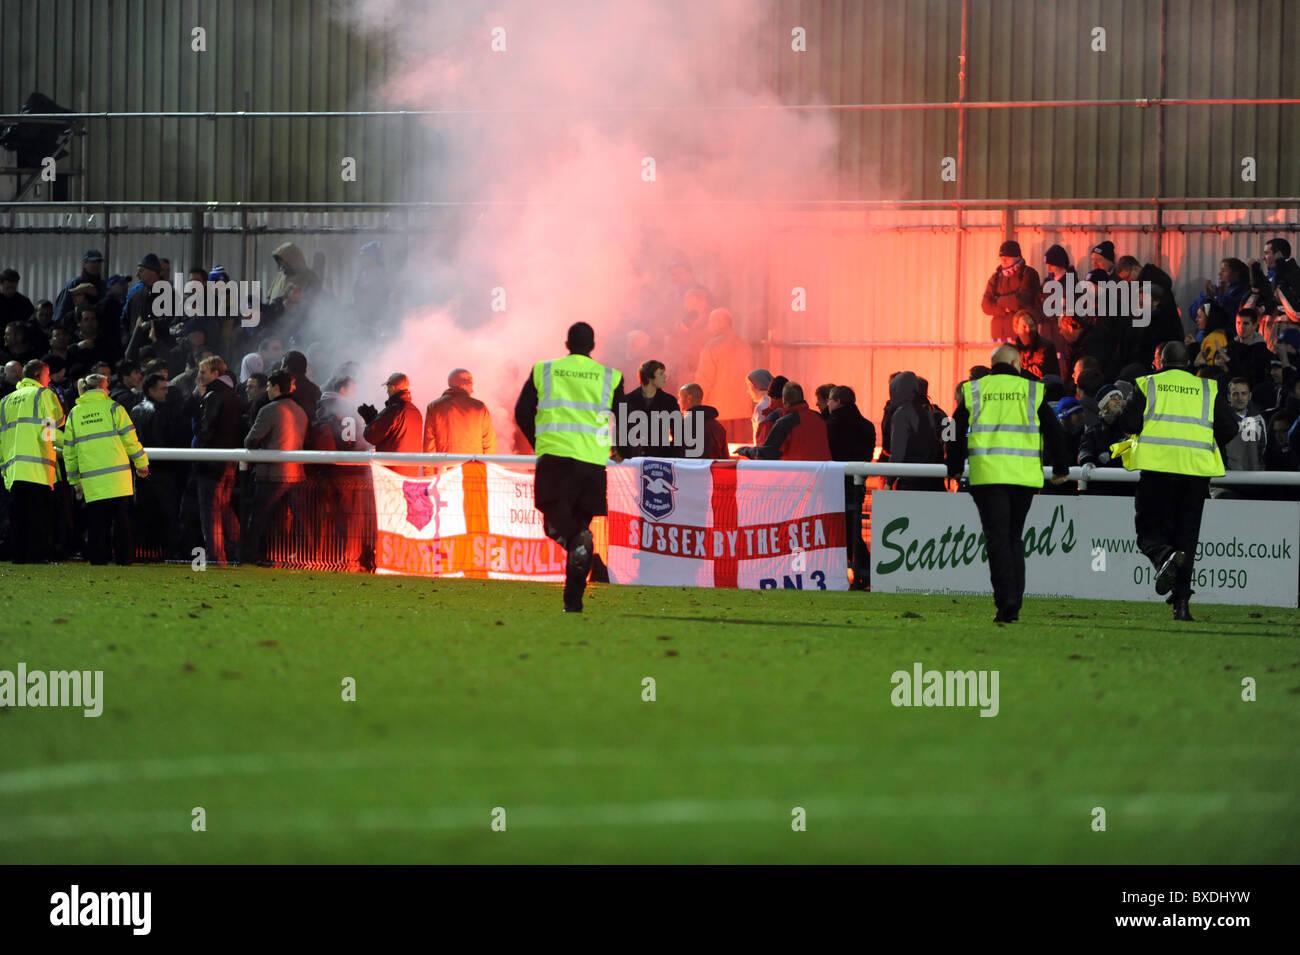 Le club de football de Woking, stewards se précipiter au loin fans après que l'un d'eux vous permet de désactiver une poussée après le match terminé Banque D'Images